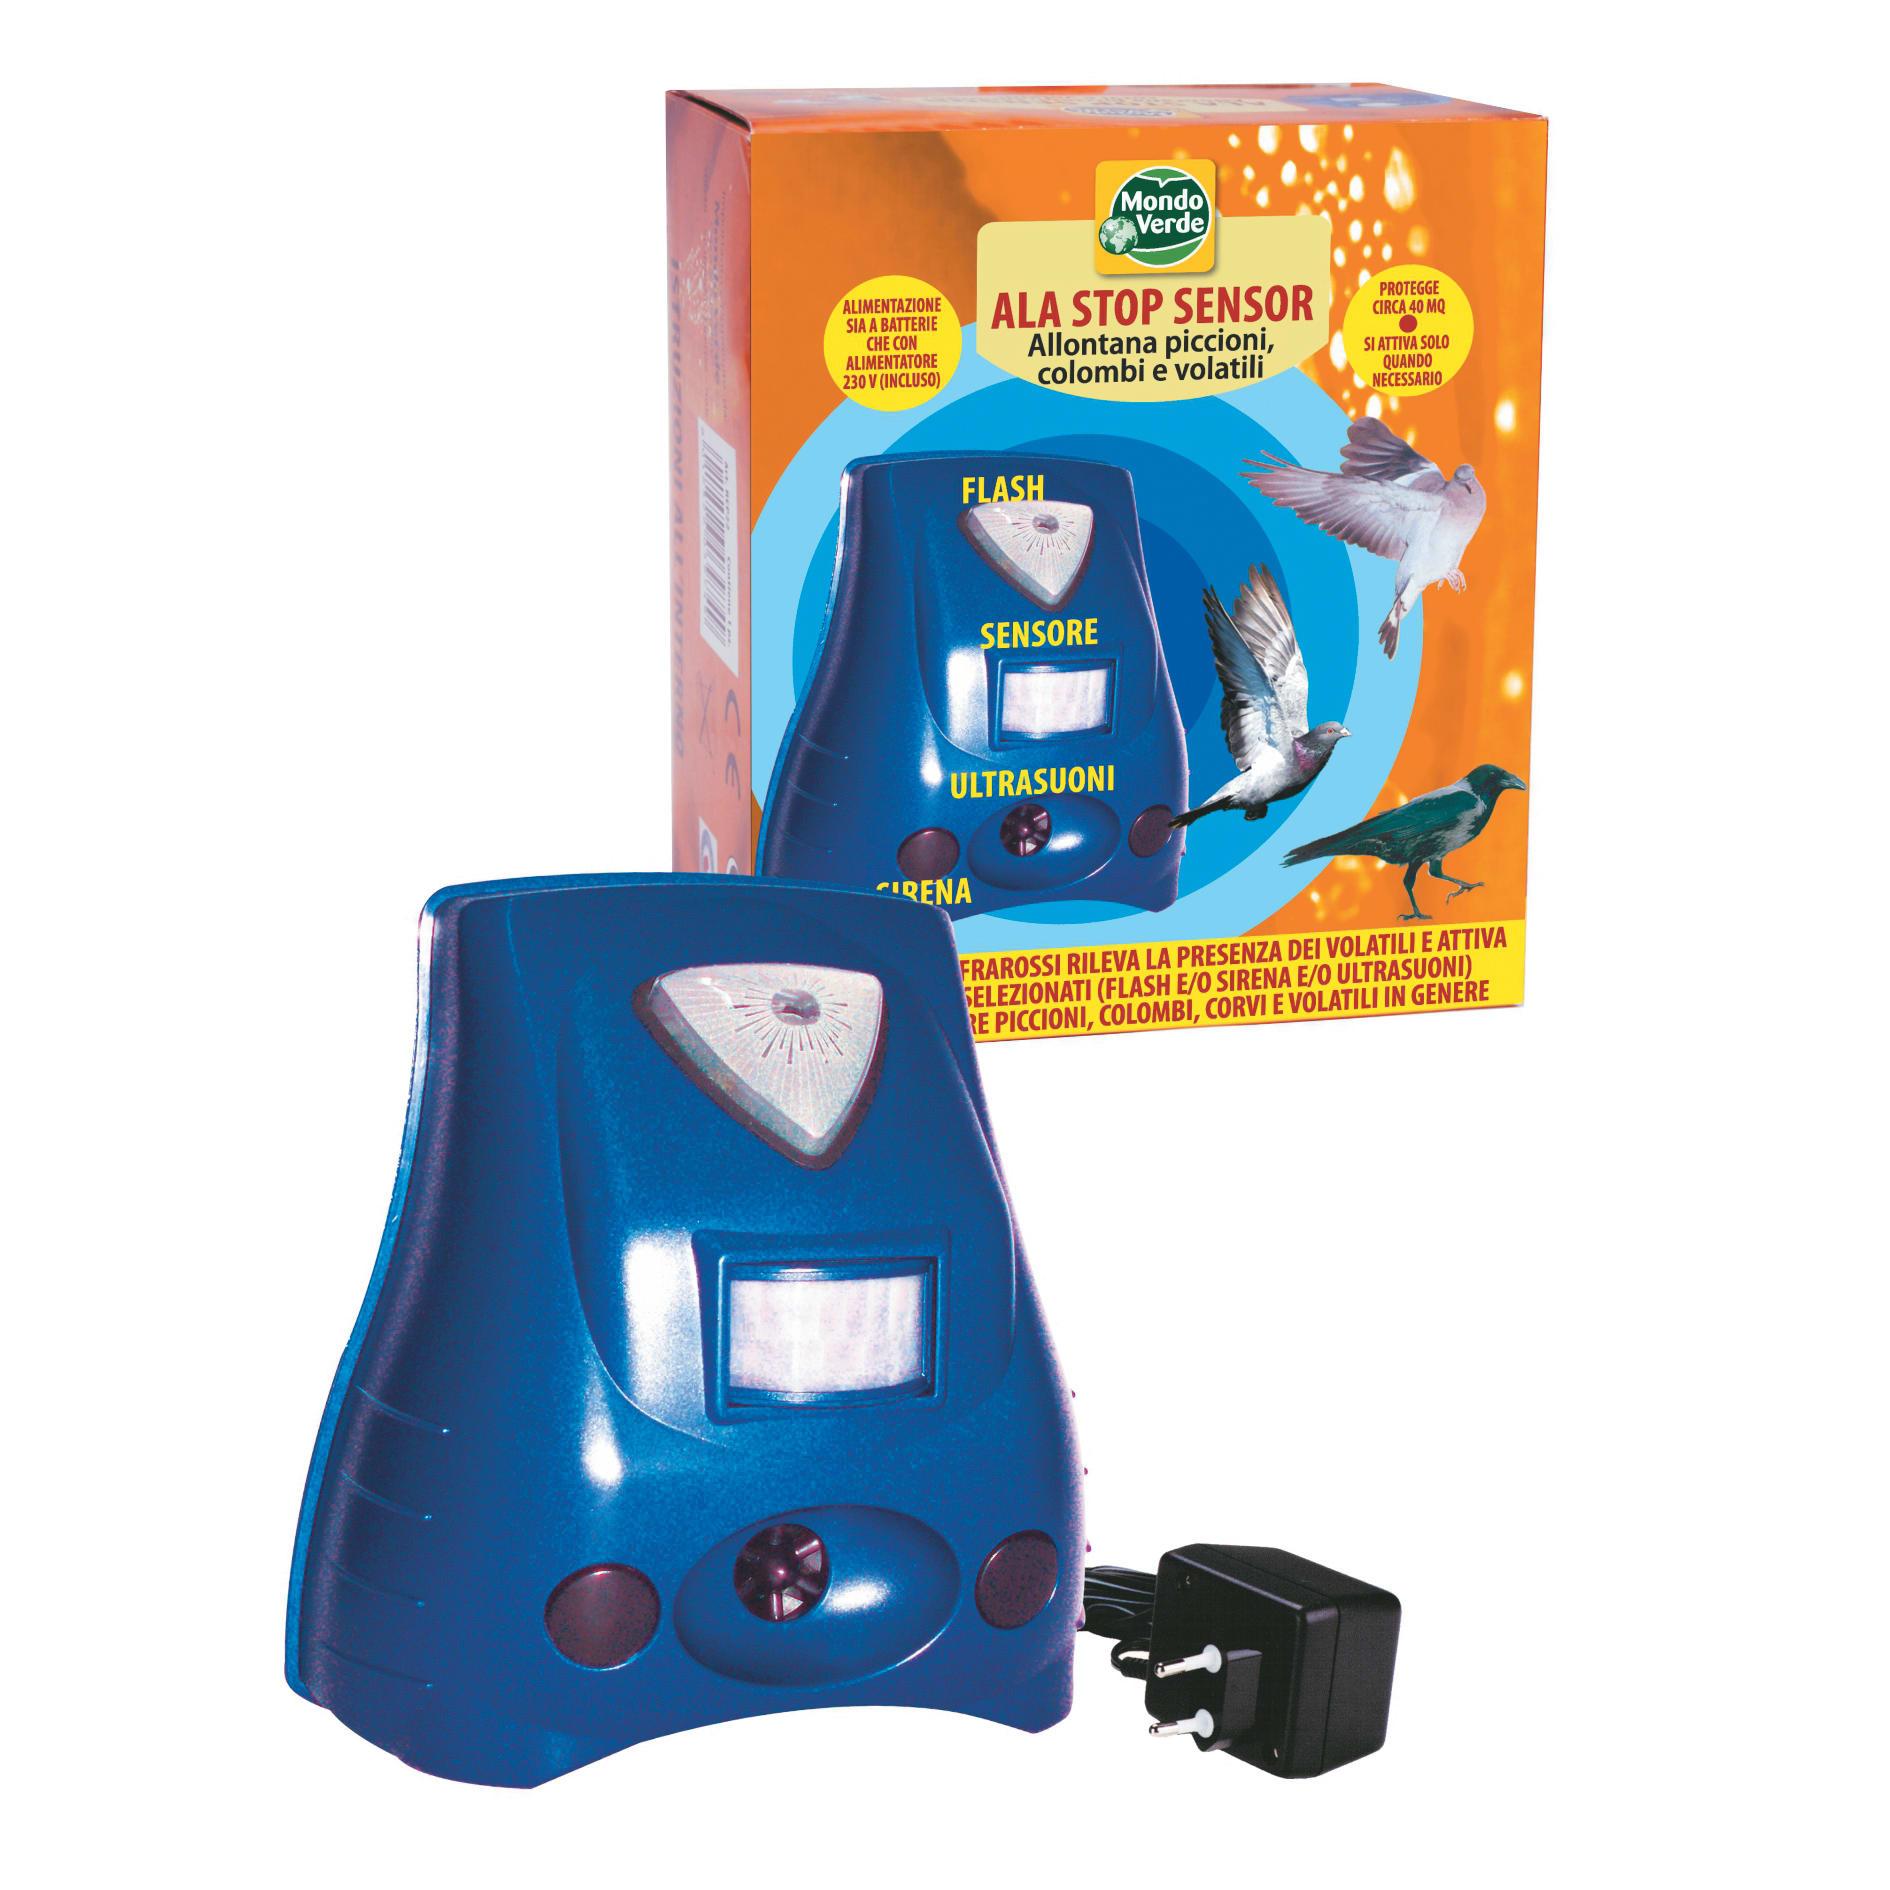 Disabituante Ultrasuoni Ala Stop Sensor Mondo Verde Prezzi E Offerte